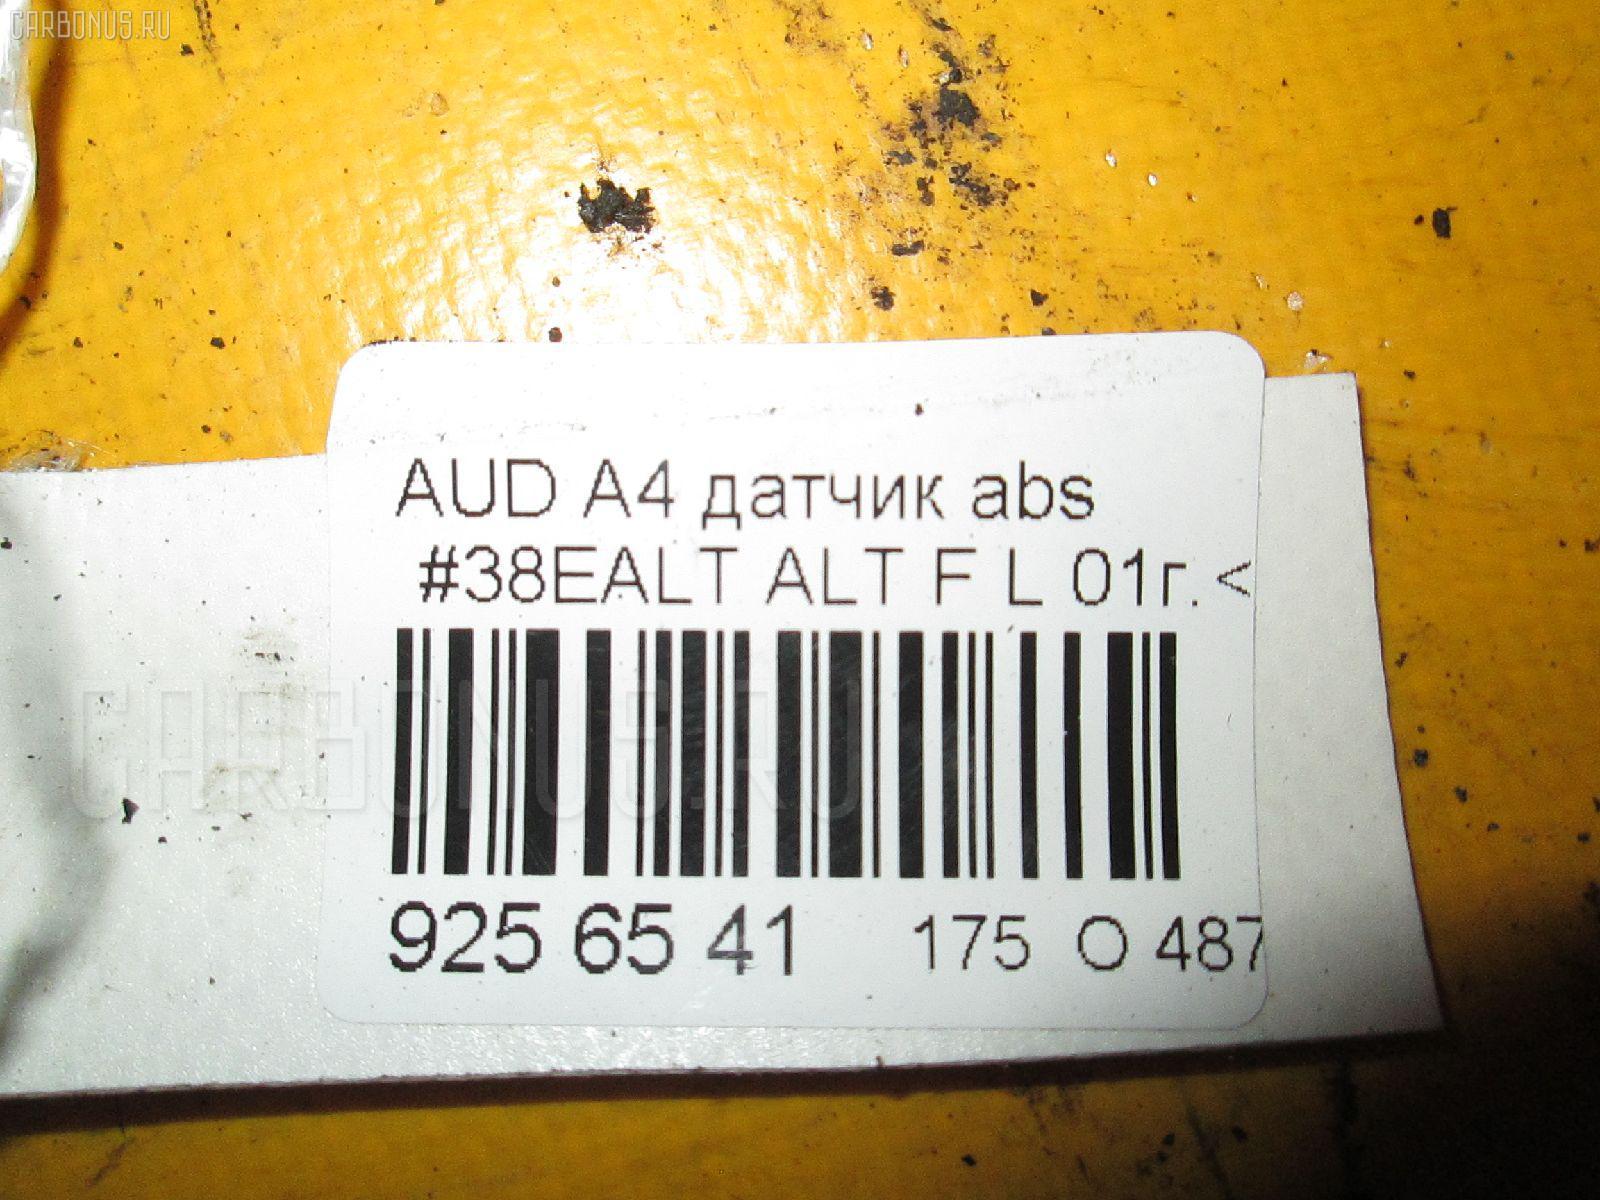 Датчик ABS AUDI A4 8EALT ALT Фото 3